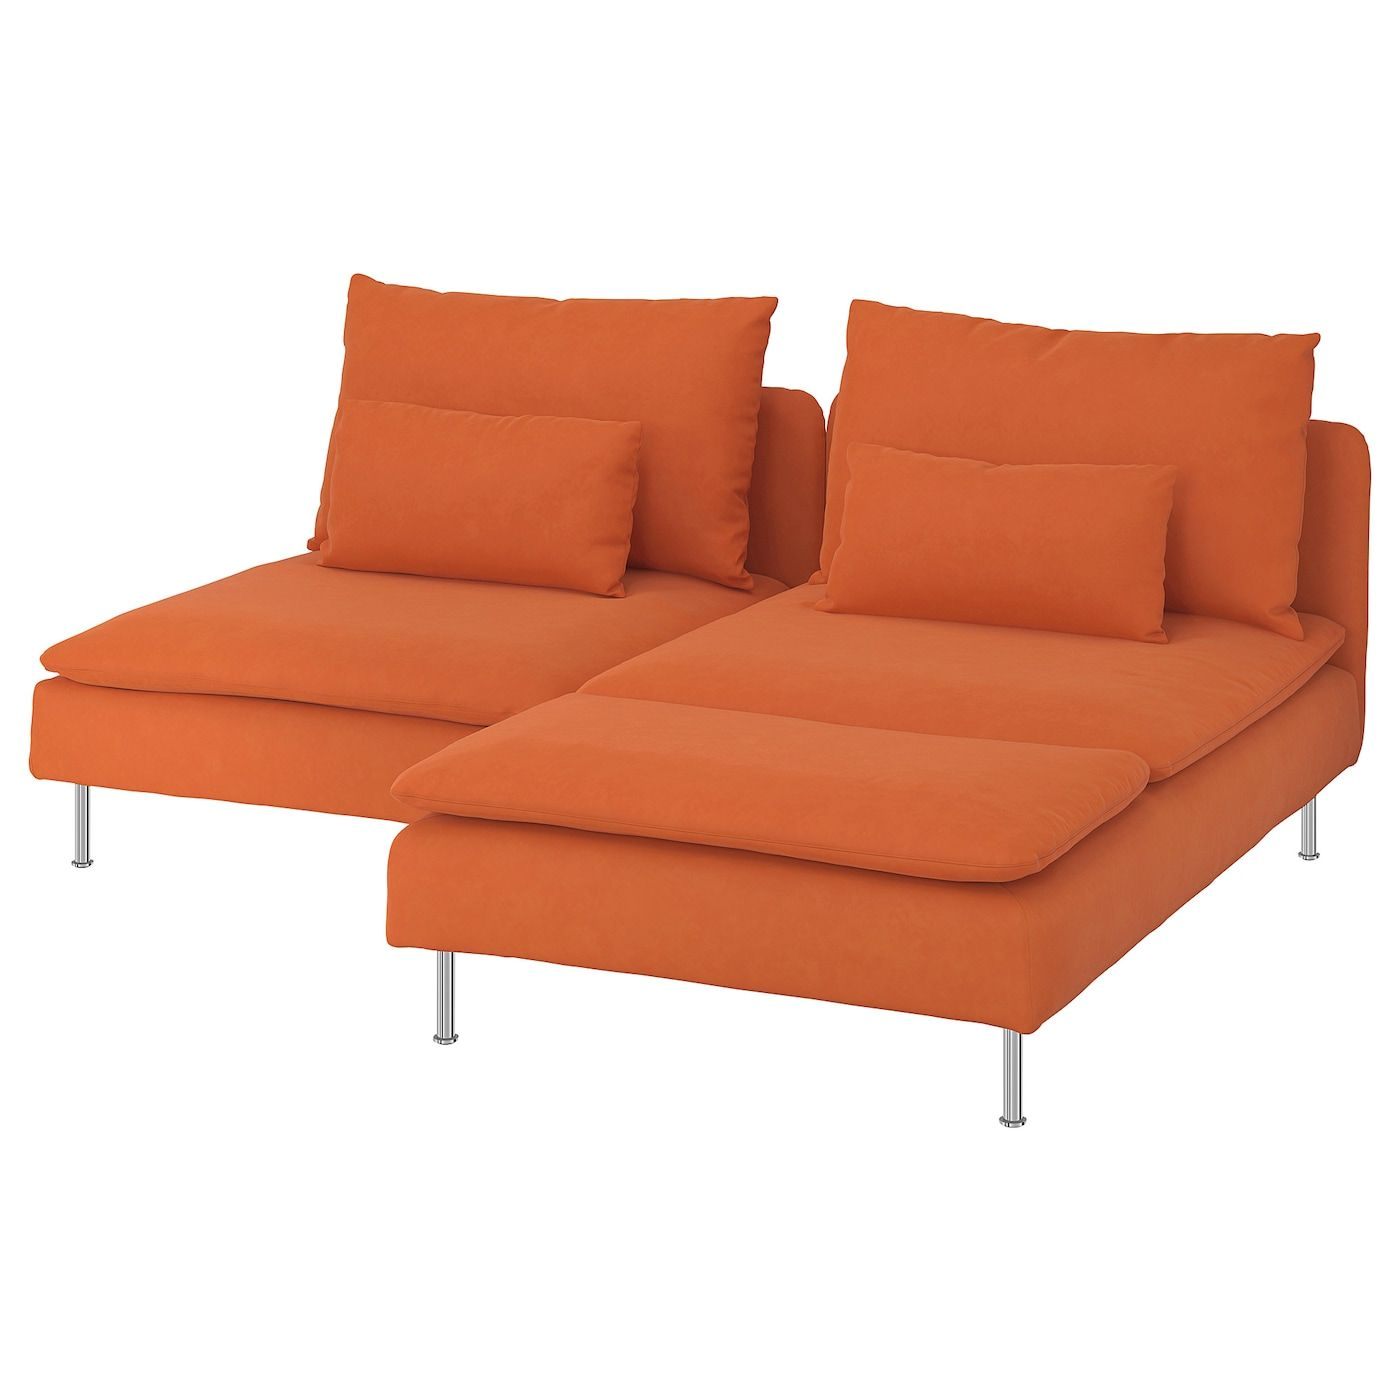 Soderhamn Sofa 2 Plazas Chaiselongue Samsta Naranja Ikea In 2020 Love Seat Fabric Sofa Ikea